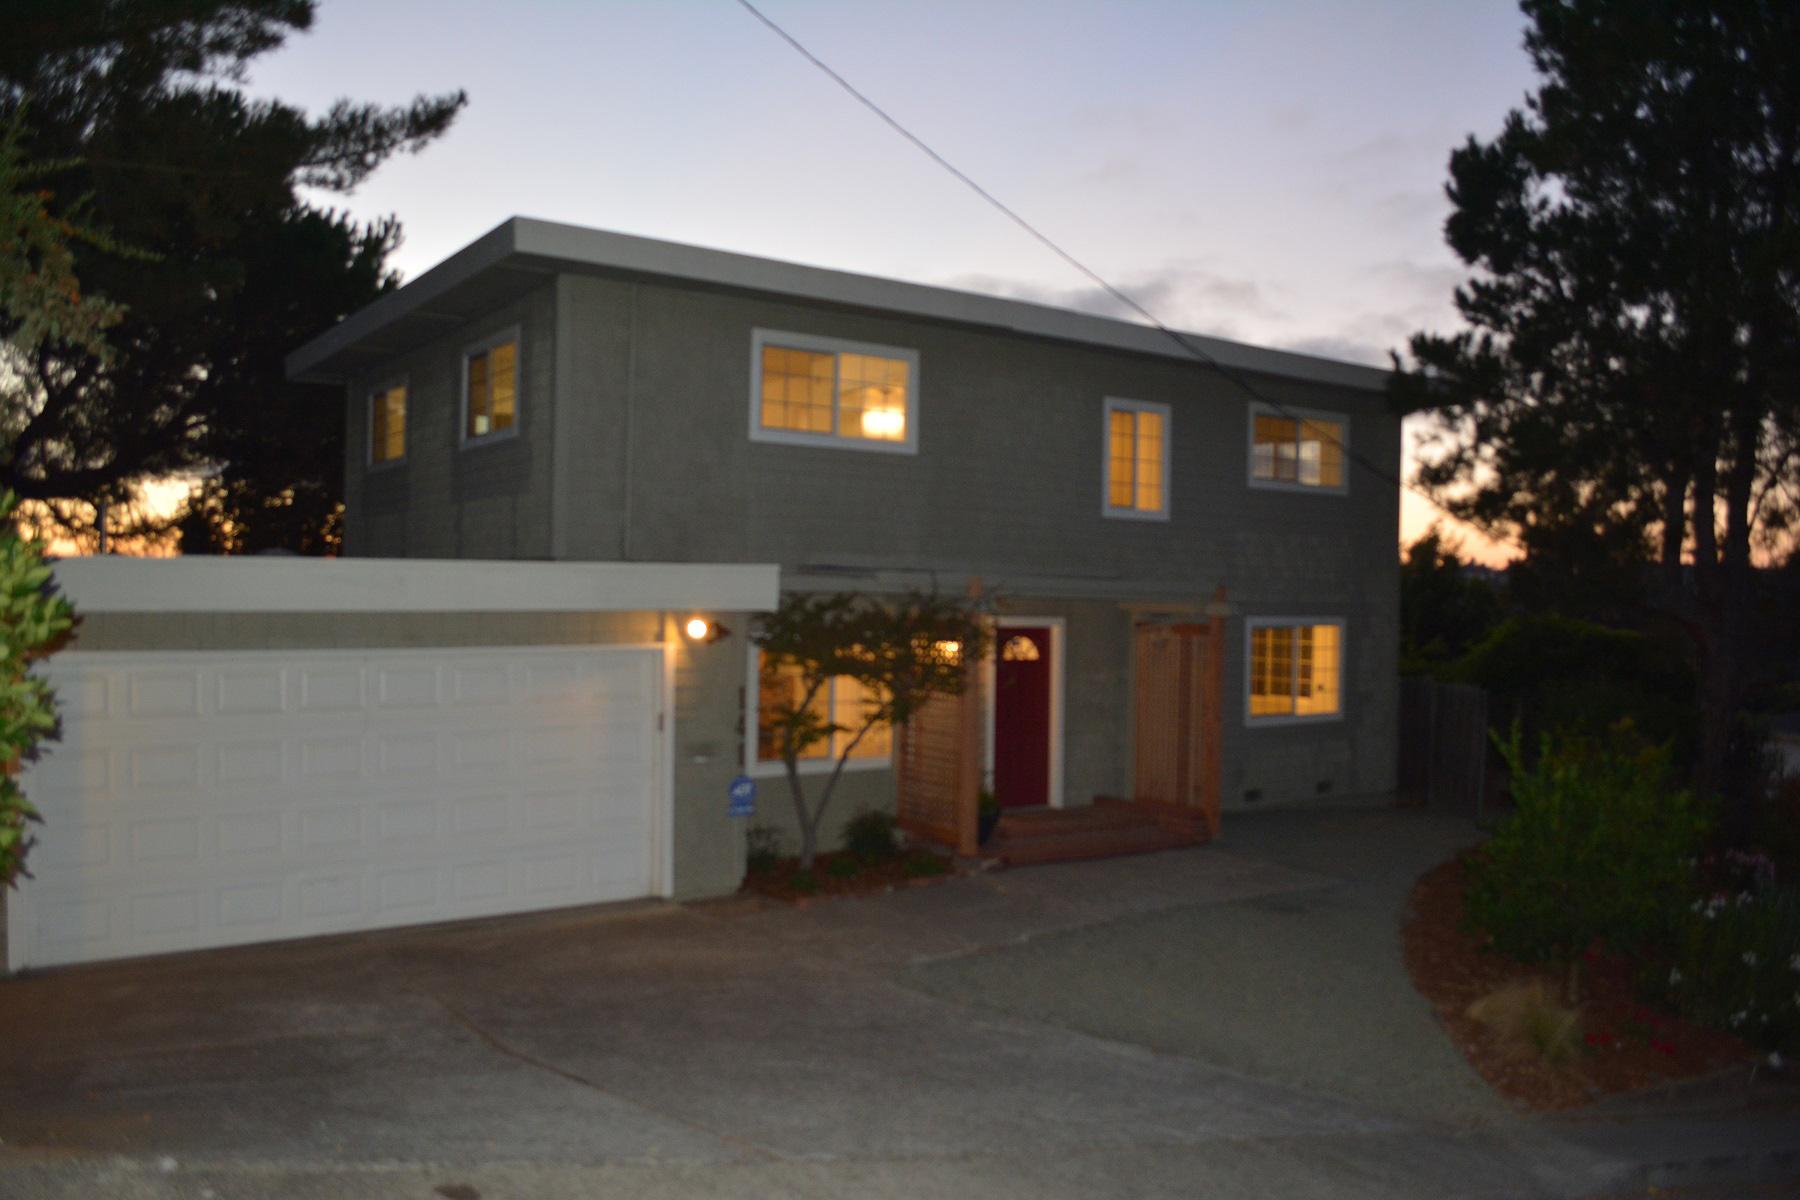 Частный односемейный дом для того Продажа на 141 Raines Ct, Vallejo, CA 94591 141 Raines Ct Vallejo, 94591 Соединенные Штаты